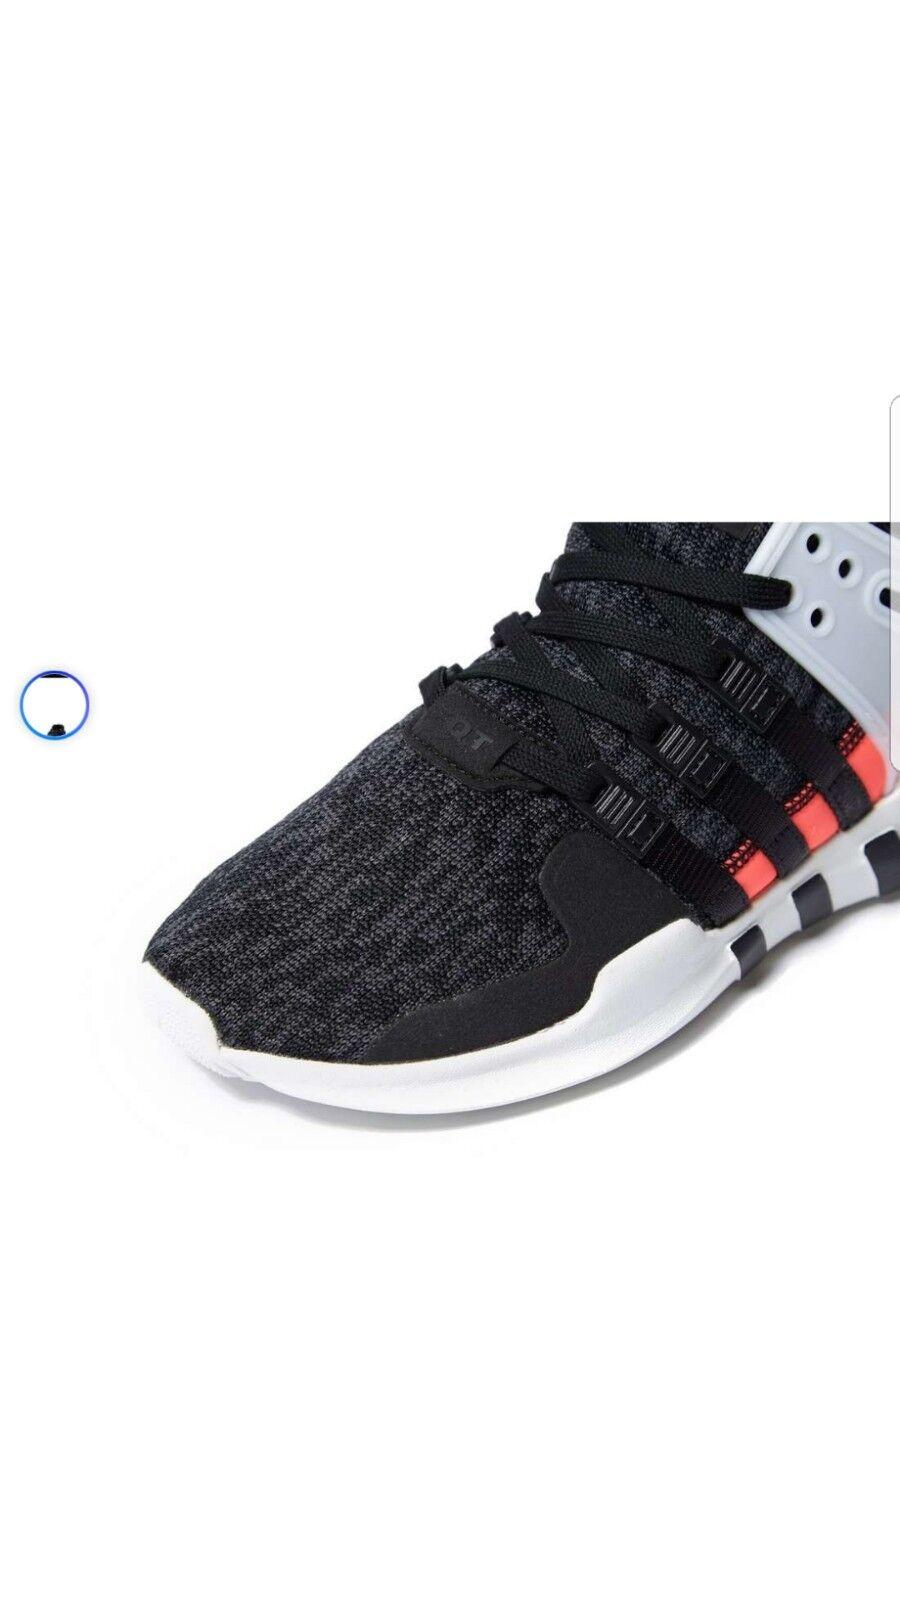 adidas originaux eqt soutenir rf uk4 junior uk4 rf rpp 90 310f53